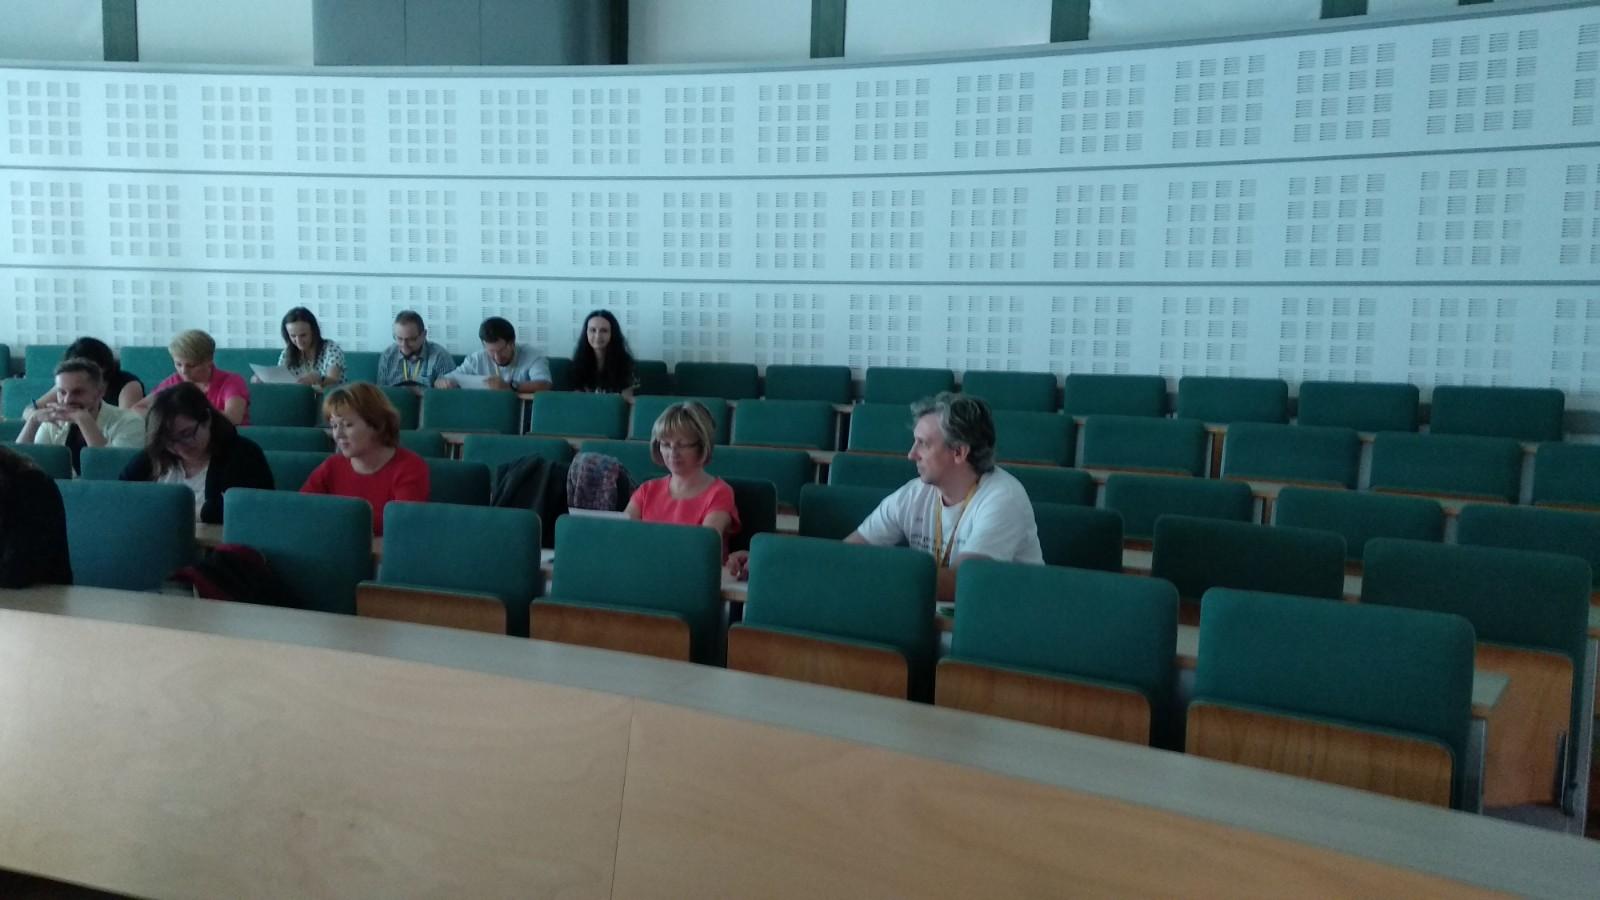 w auli siedzą osoby uczestniczące w szkoleniu